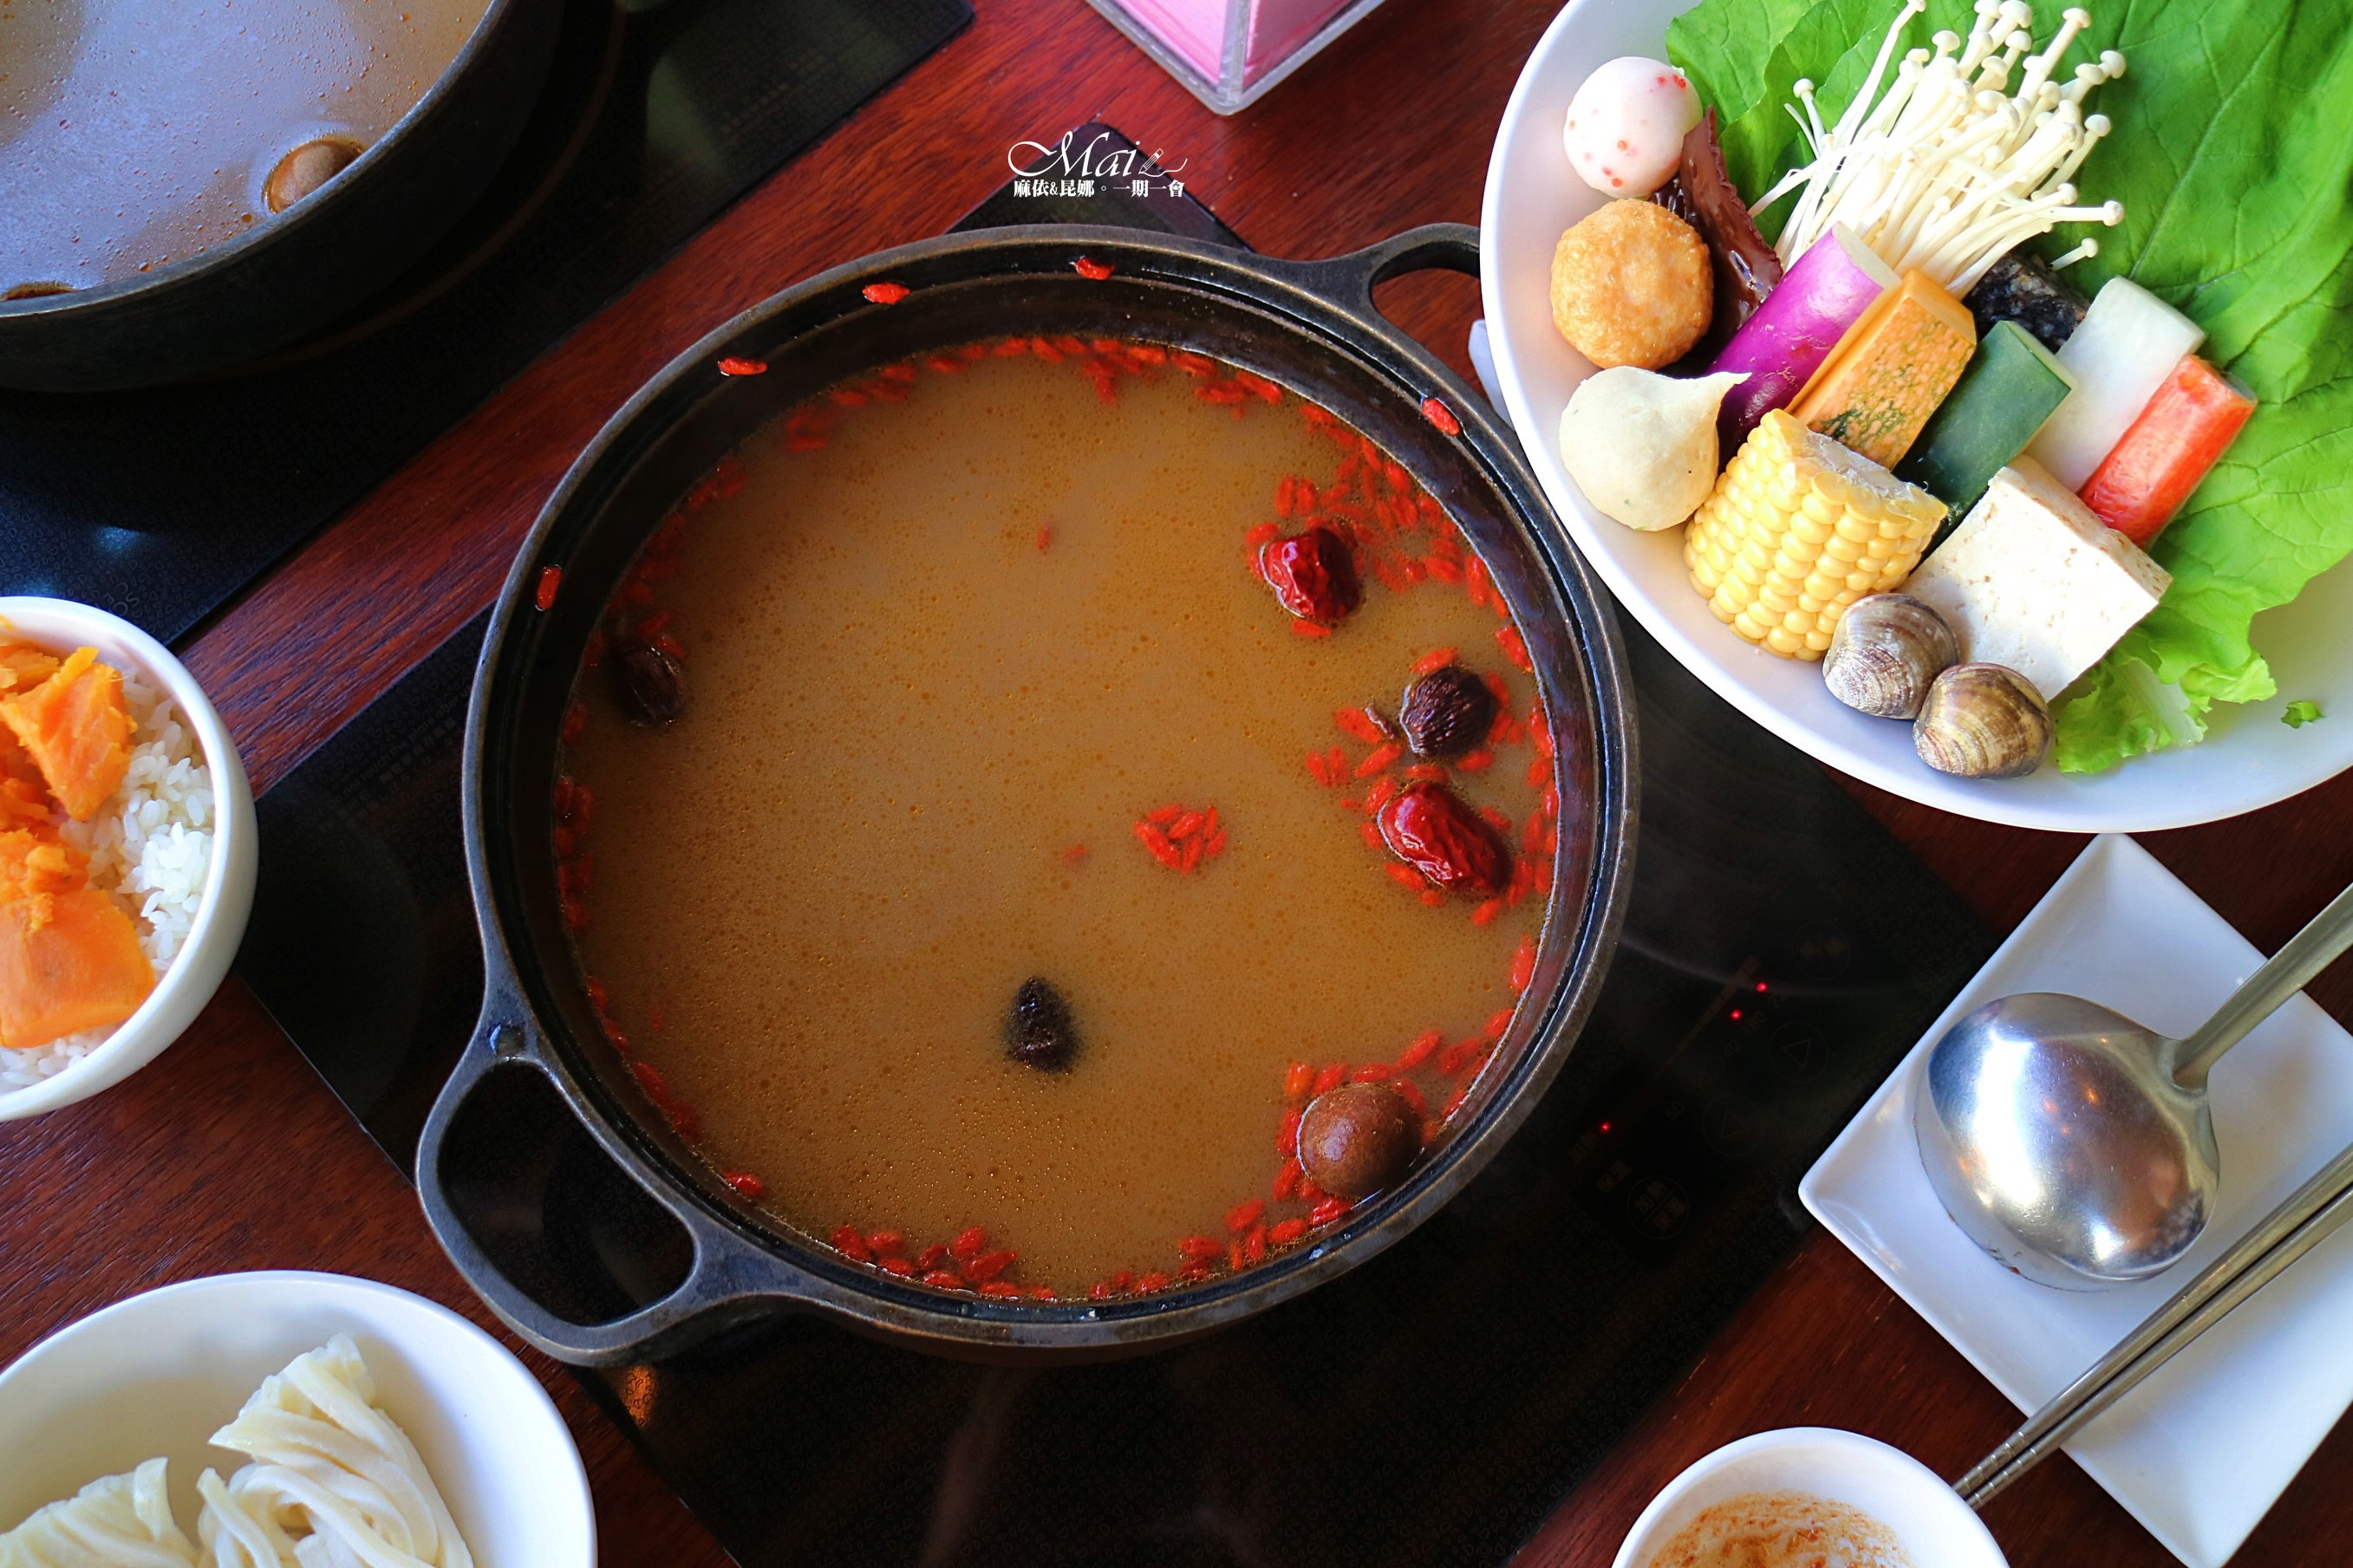 台中美食 ▌八錢鍋物食堂:平價好吃火鍋、麻辣湯頭超香、食材新鮮、環境極美(大推)《麻依專欄》